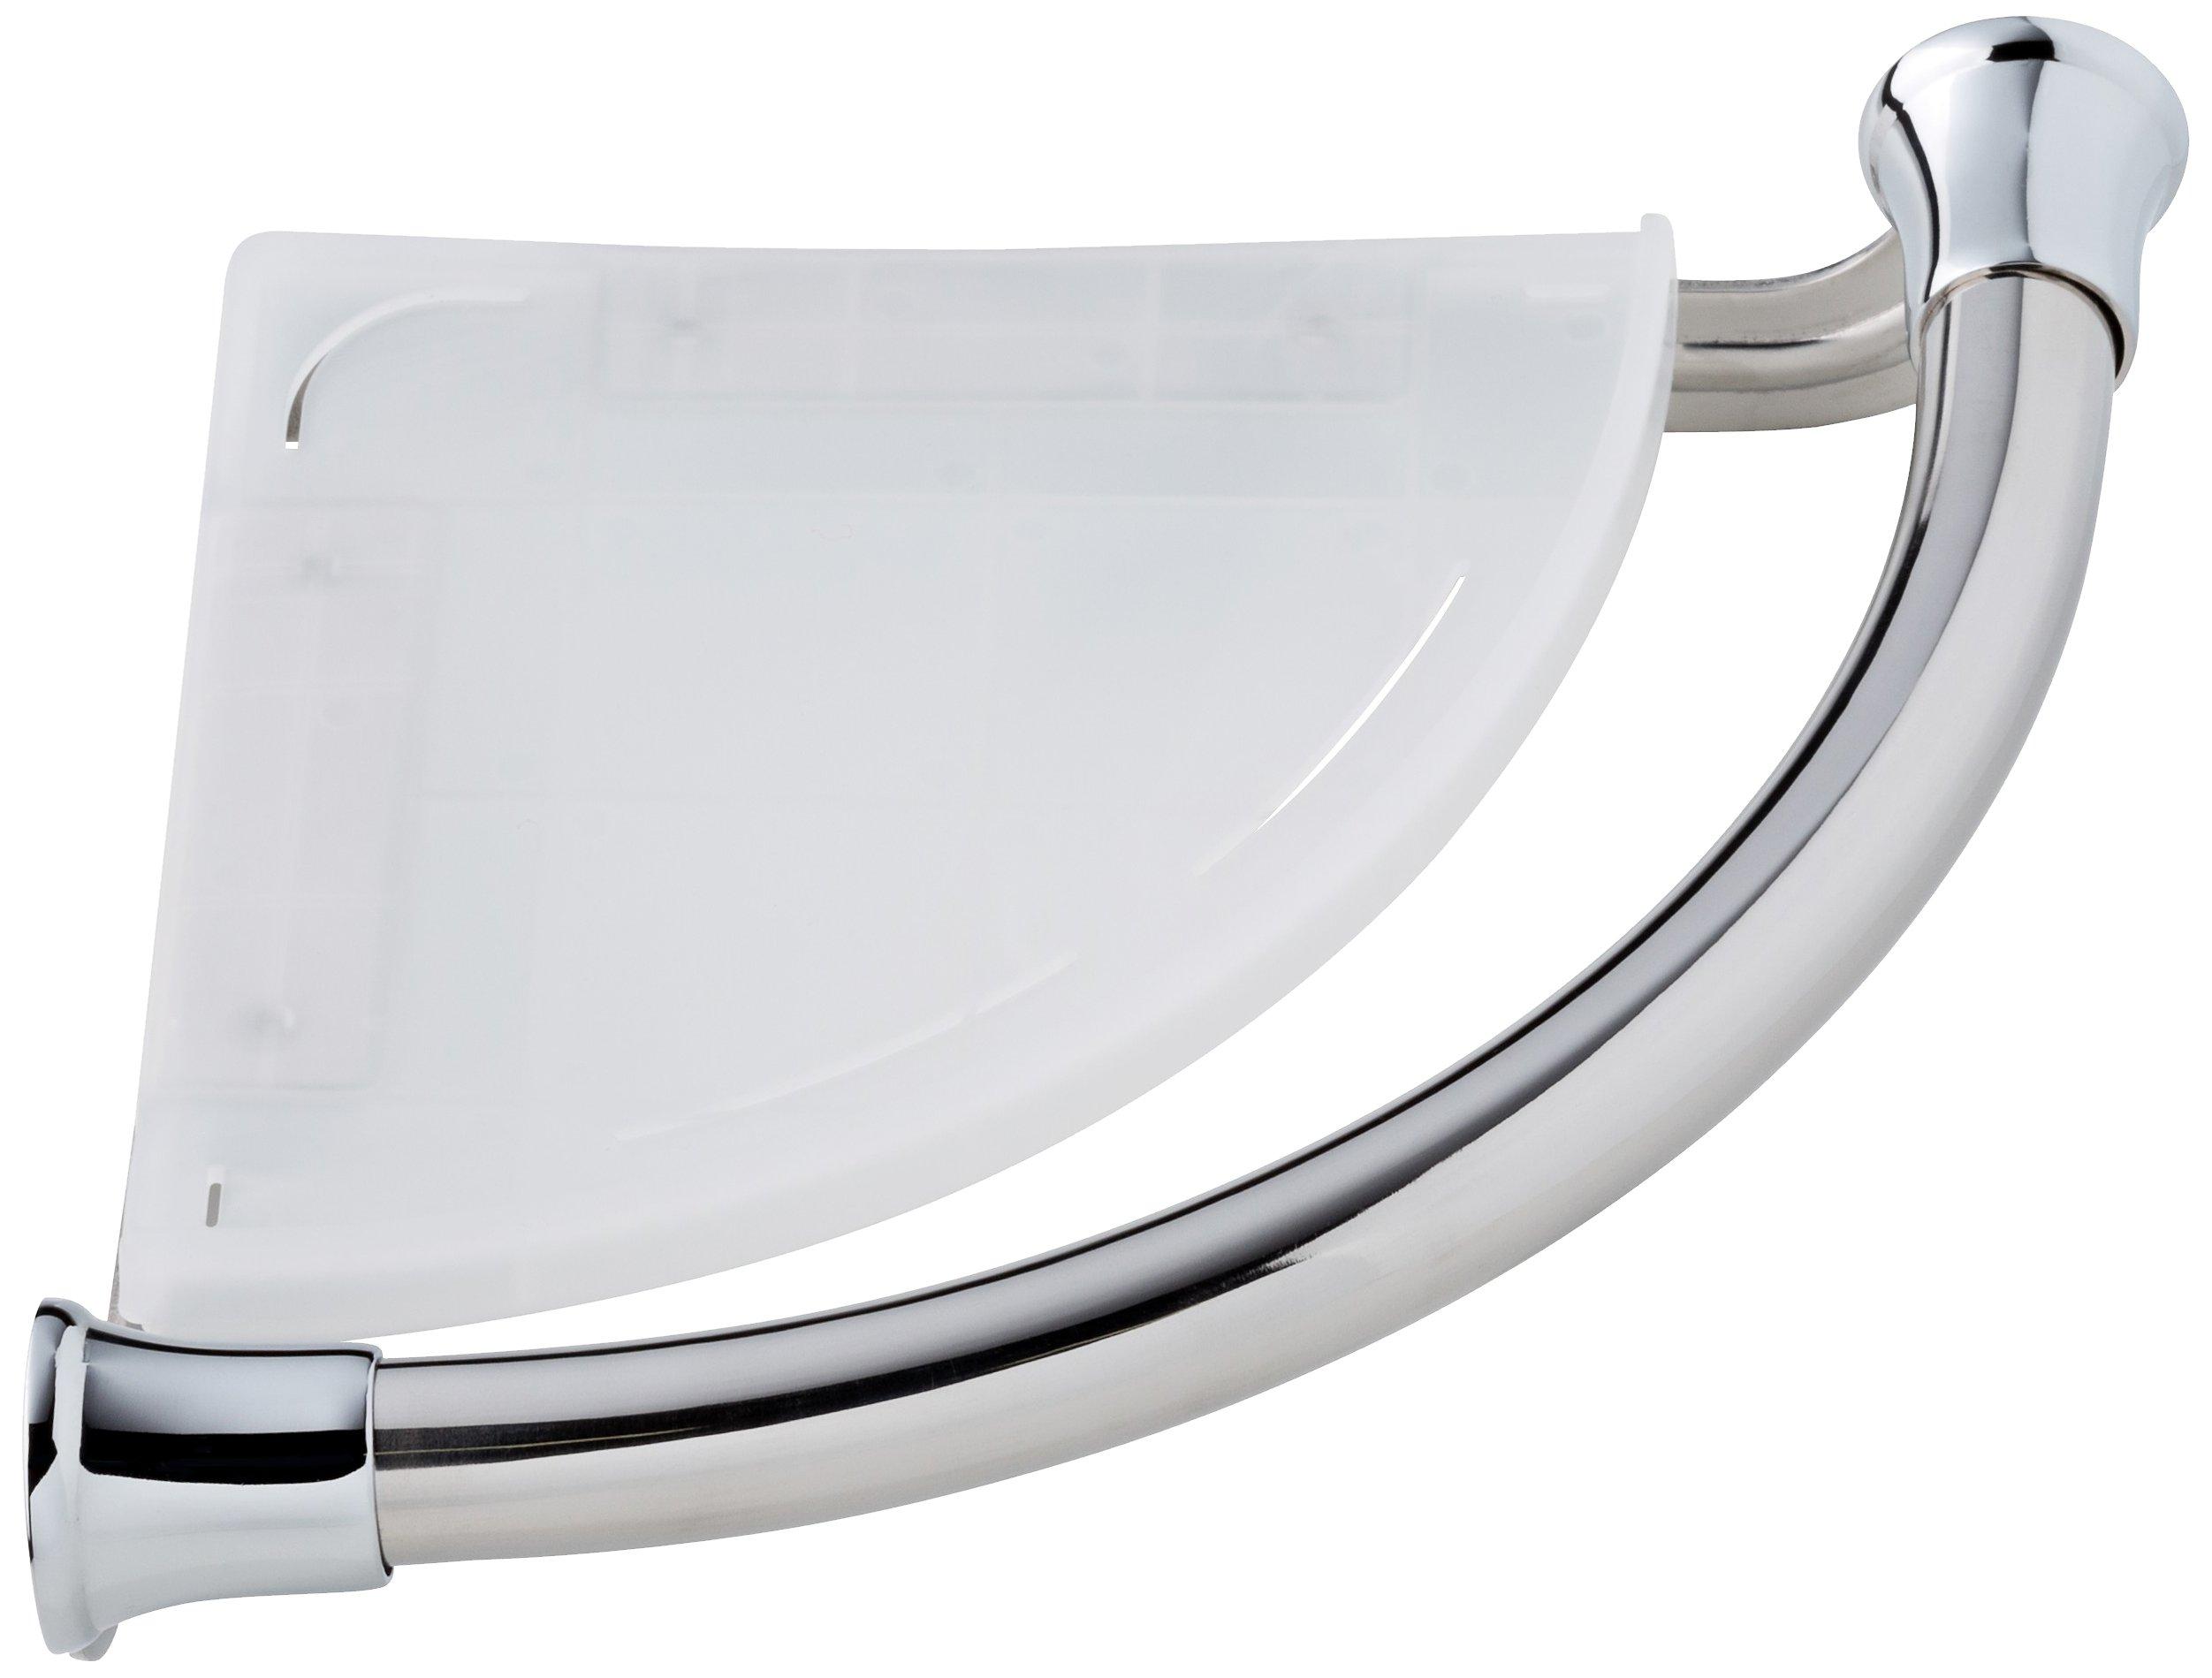 Delta Faucet 41316 Transitional Corner Shelf / Assist Bar, Polished Chrome